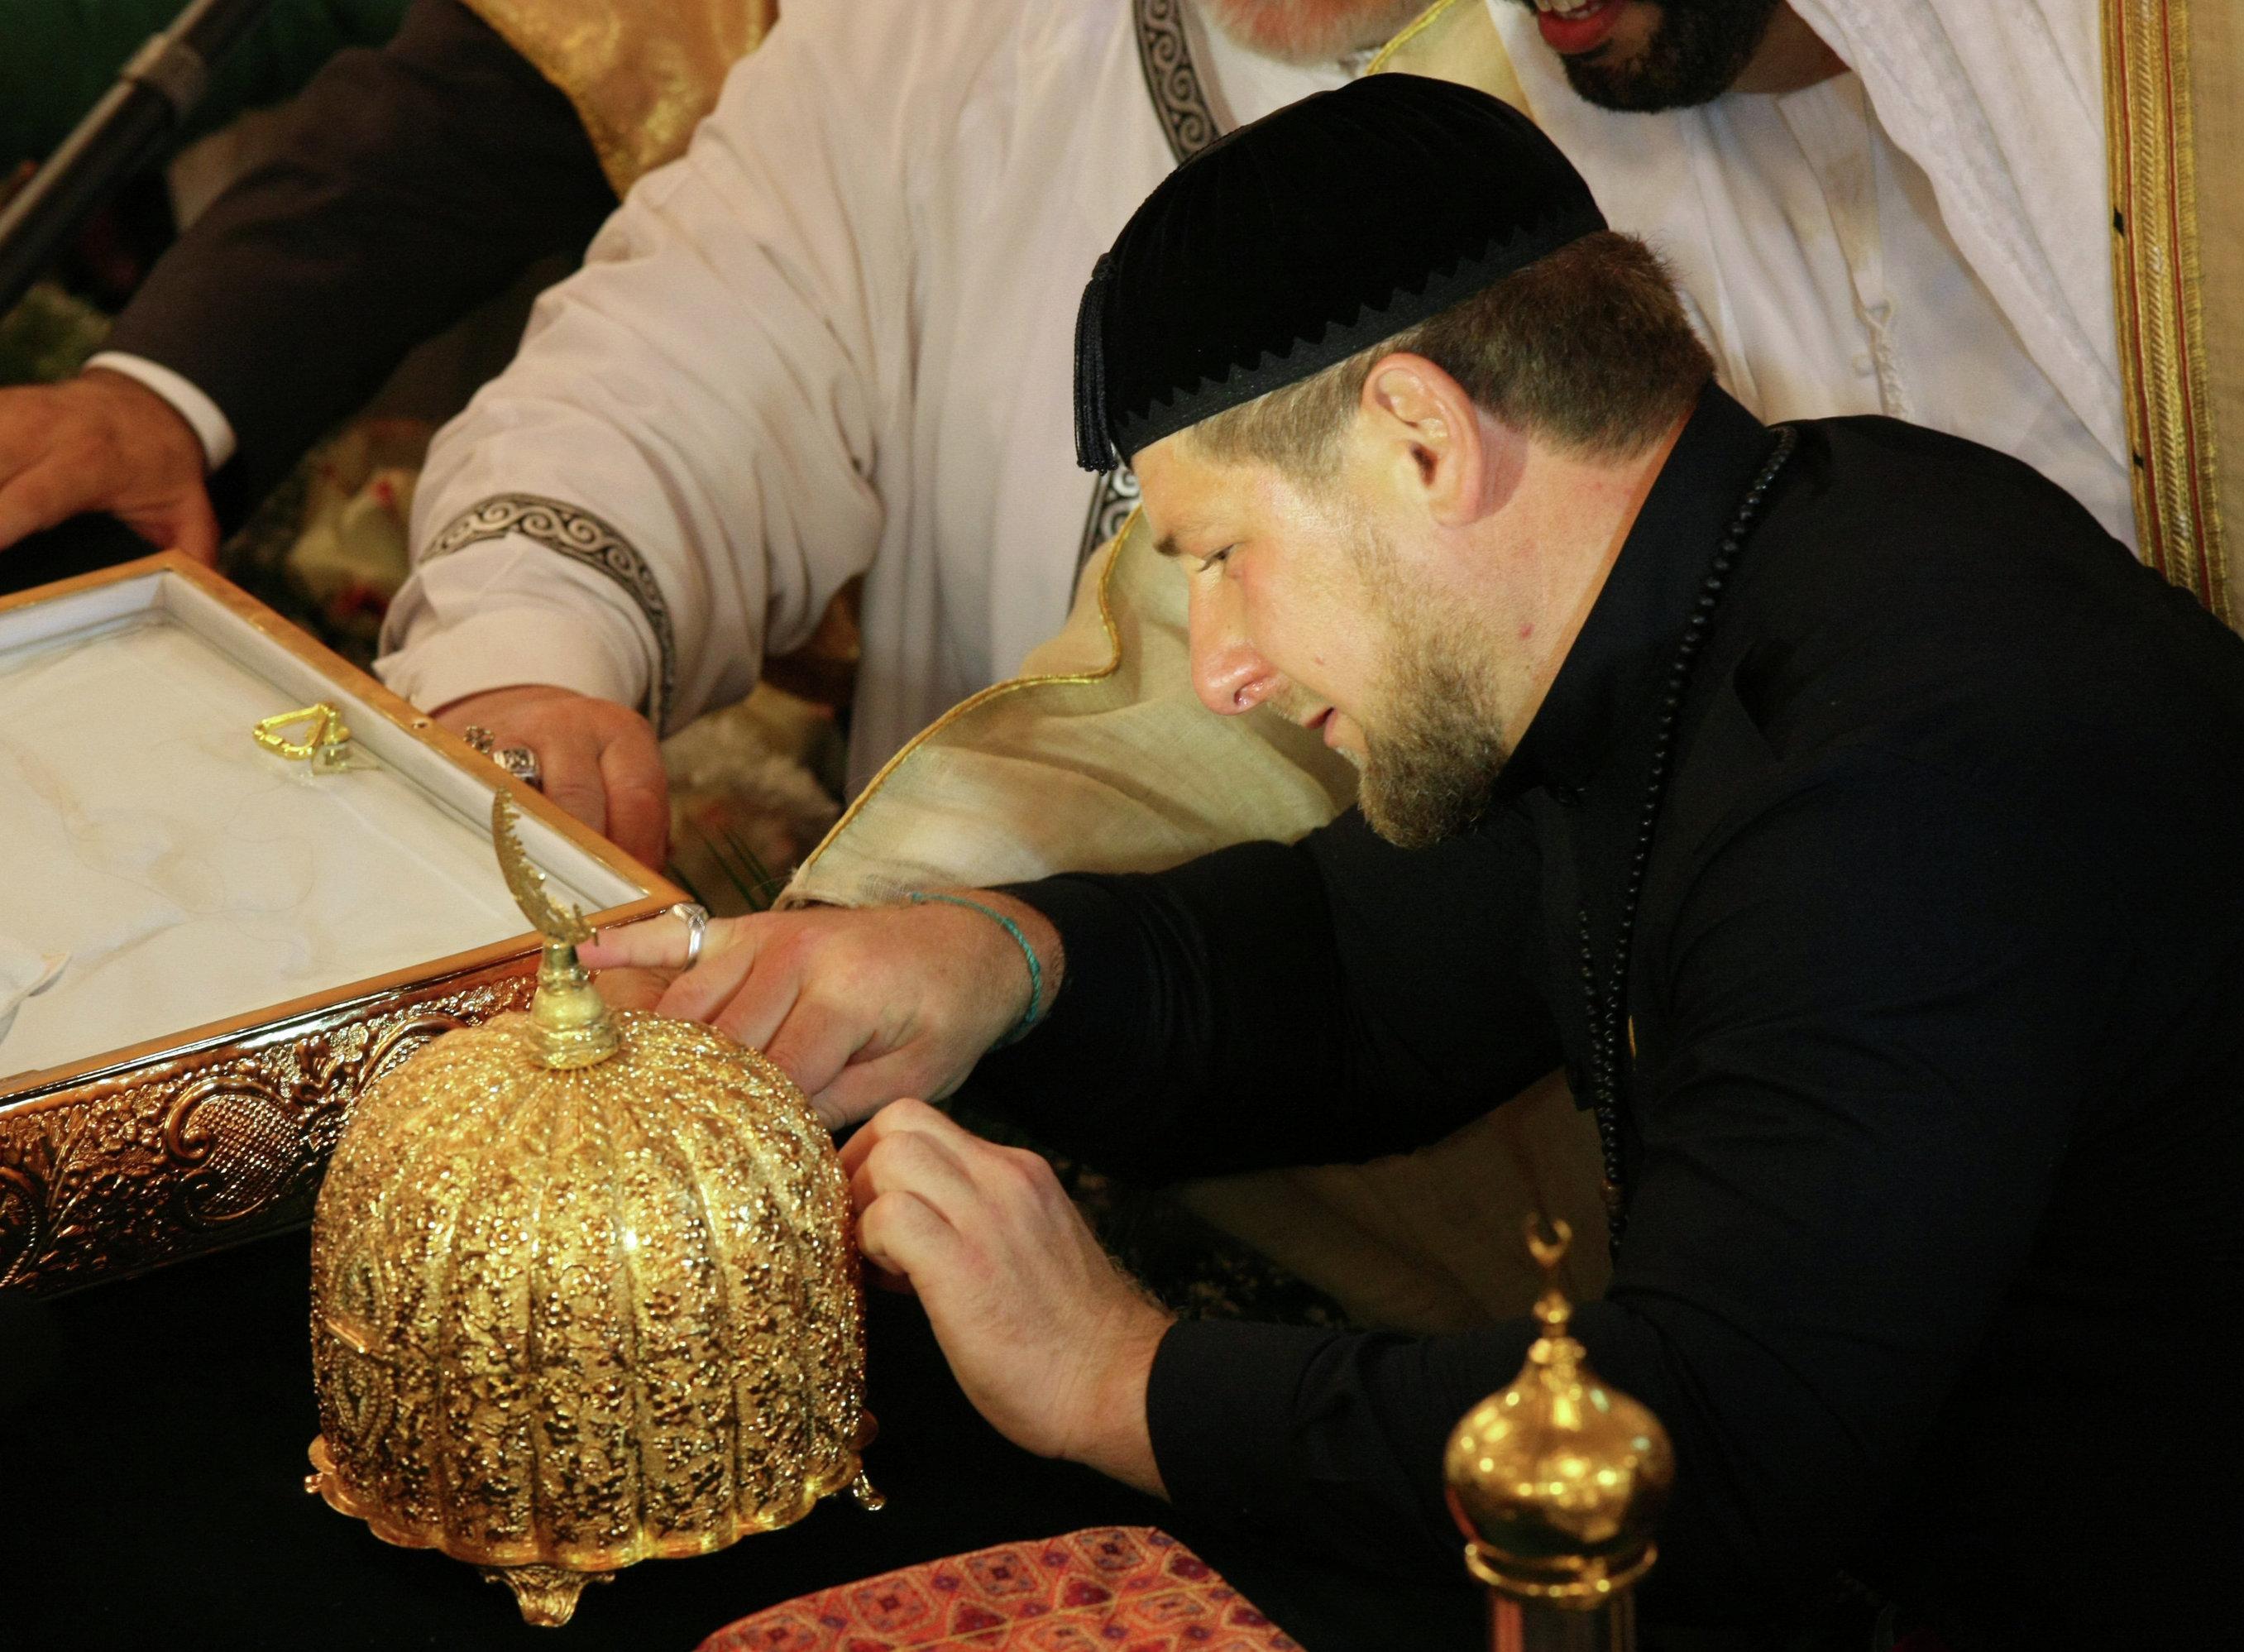 الزعيم الشيشاني رمضان قاديروف يحتفظ بخصلات من شعر النبى محمد داخل مسجد أحمد قاديروف فى غروزني